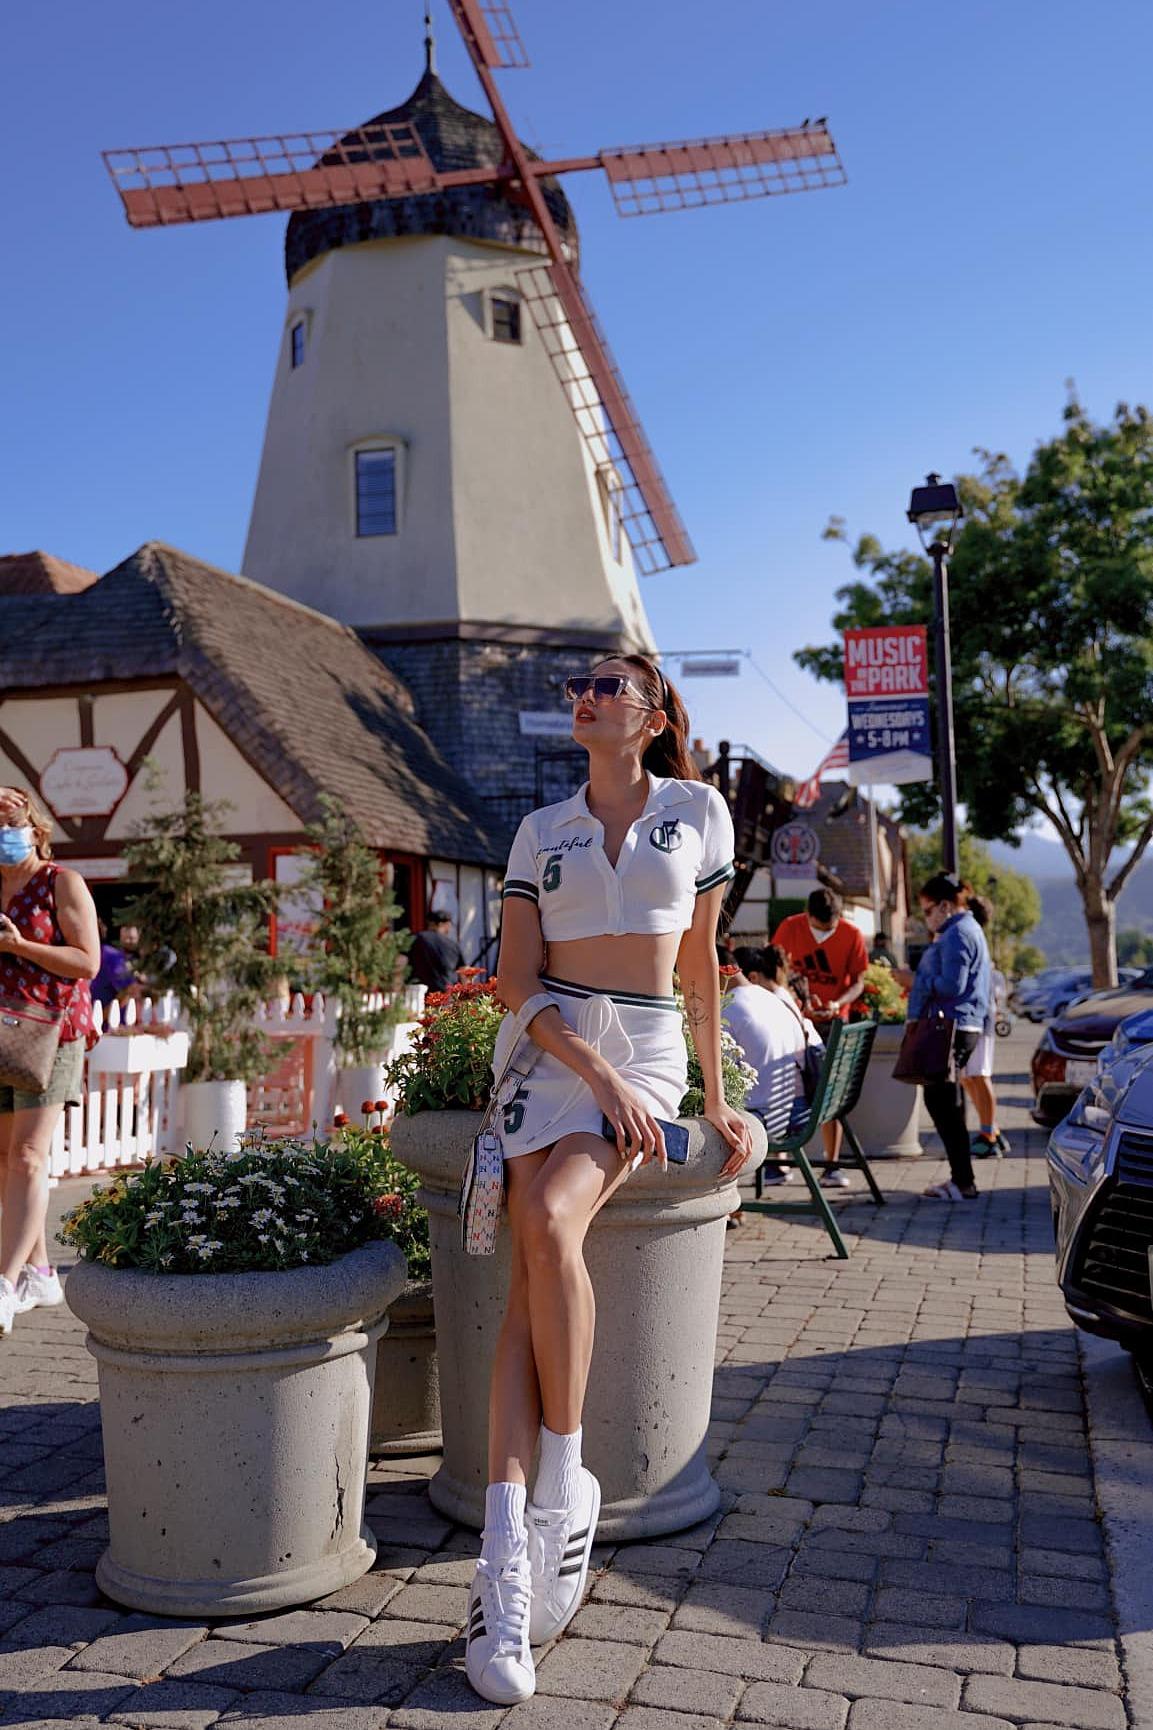 Thời gian đầu, người đẹp chủ yếu thăm thú các danh thắng ở bang California nơi cô sinh sống như bãi biển Laguna tại hạt Orange, thác Burney ở hạt Shasta hay thành phố Solvang - nơi được mệnh danh là Bắc Âu giữa lòng đất Mỹ với những tòa nhà cổ kính mang kiến trúc Đan Mạch cổ điển. Khi có nhiều thời gian, siêu mẫu cùng bạn trai tới các tiểu bang khác để du lịch.